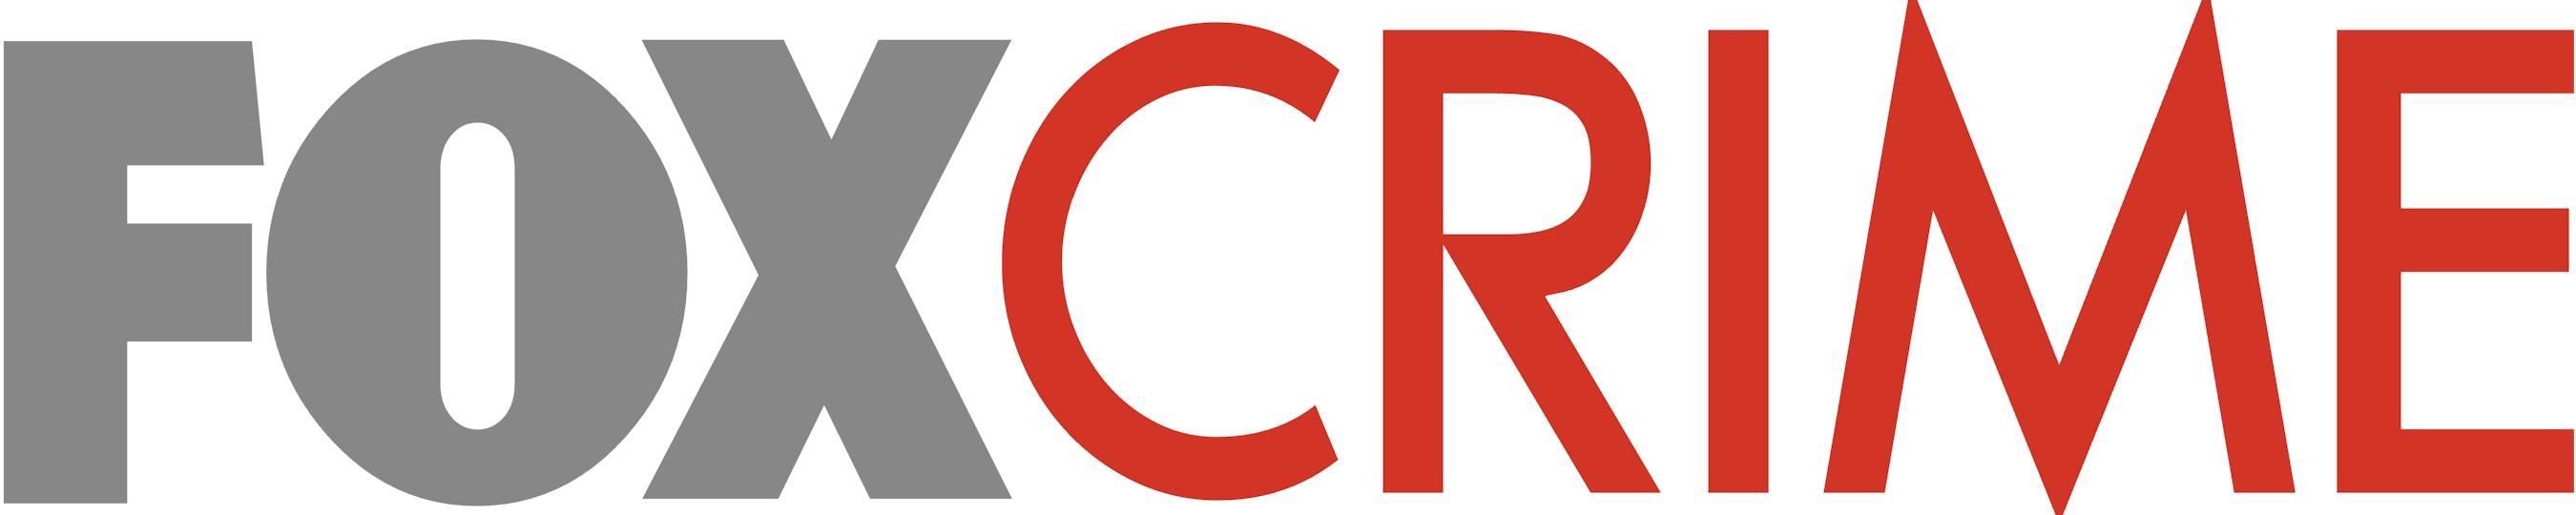 Foxcrime 2005 Logo Remake Fox Crime Estreia 5ª Temporada De «Endeavour»